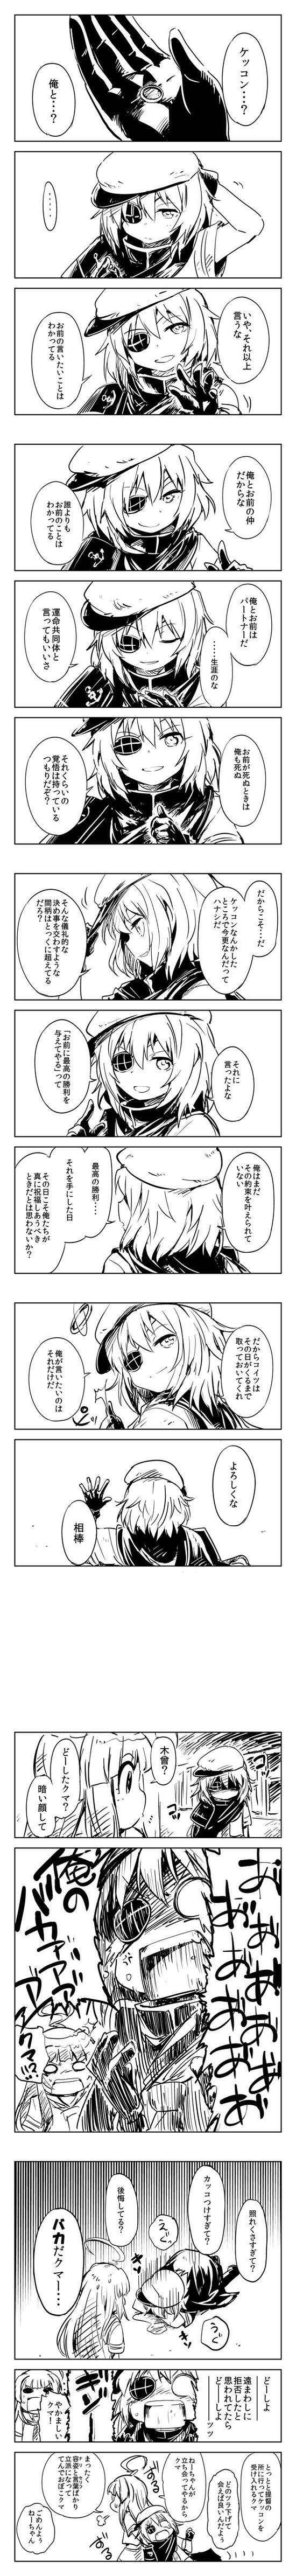 006 艦隊これくしょん 艦これ 艦娘